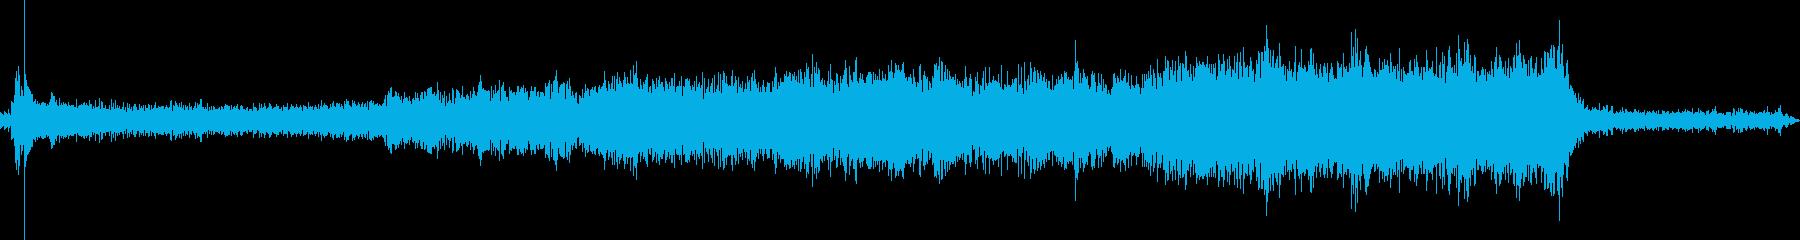 ドアガレージジャイアントクローズの再生済みの波形